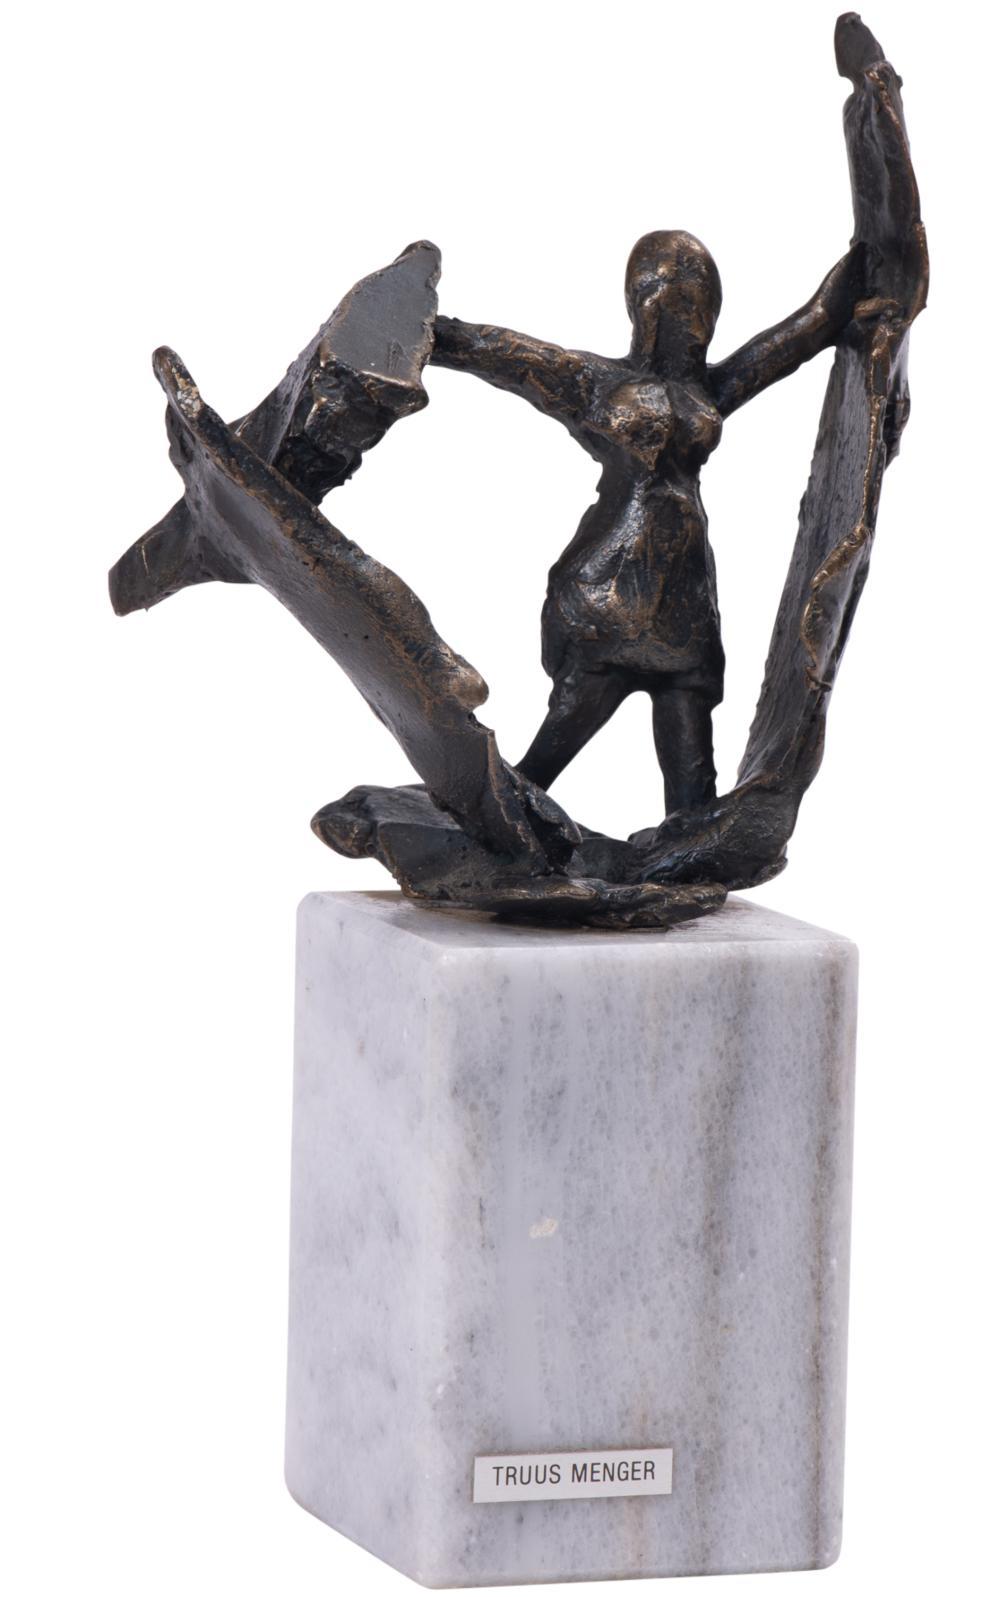 Vrouw in het Verzet / Woman in the resistance (c. 1982)